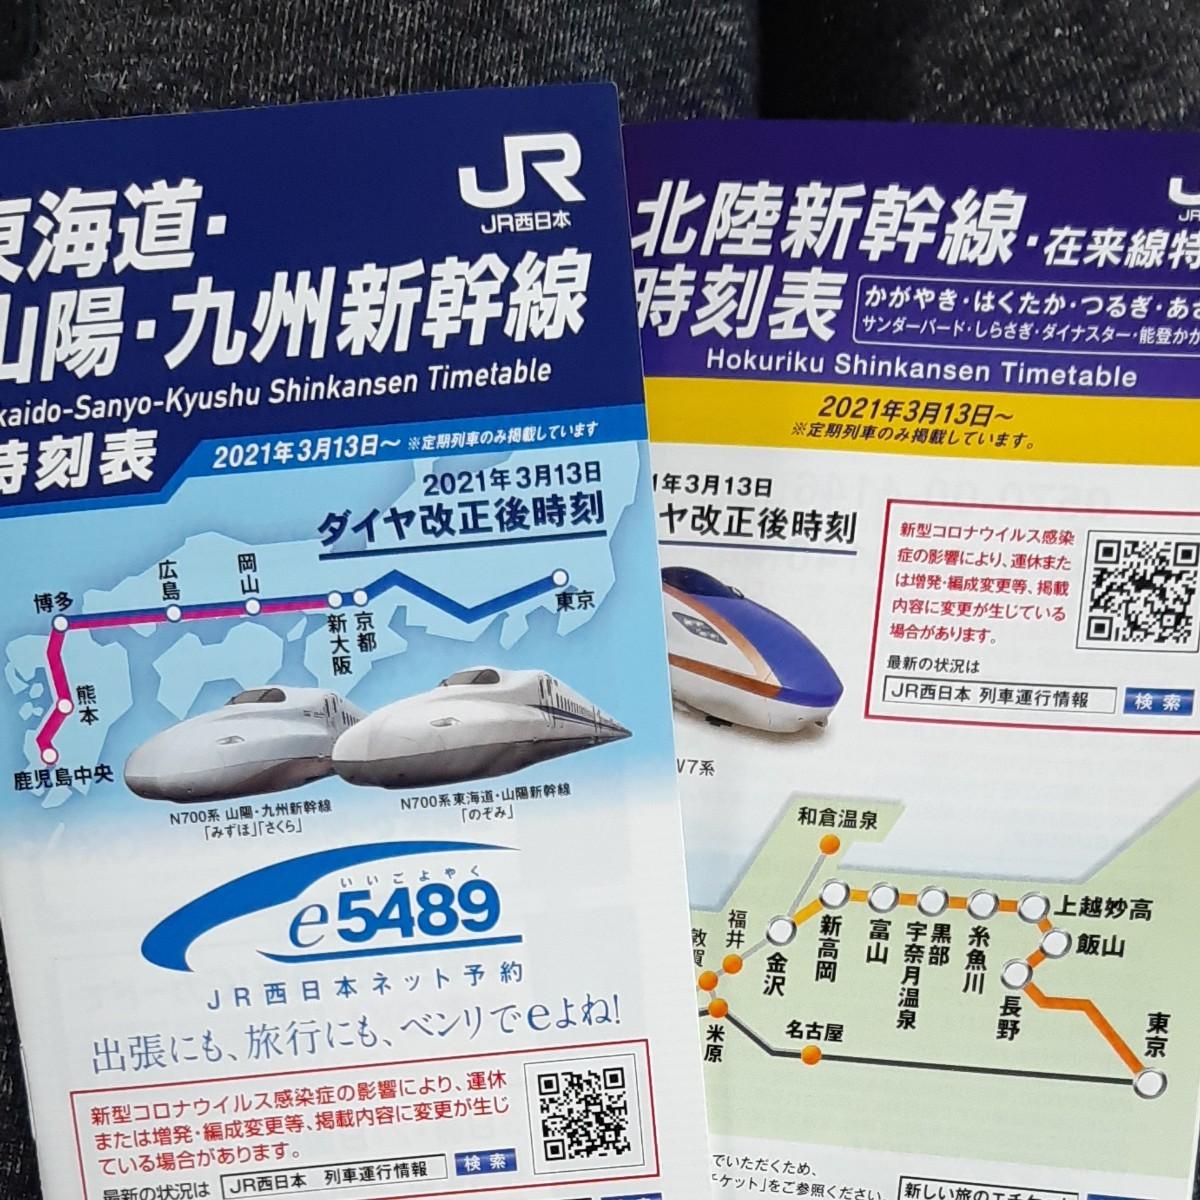 JR西日本 時刻表 北陸新幹線 東海道新幹線 おまけつけます!